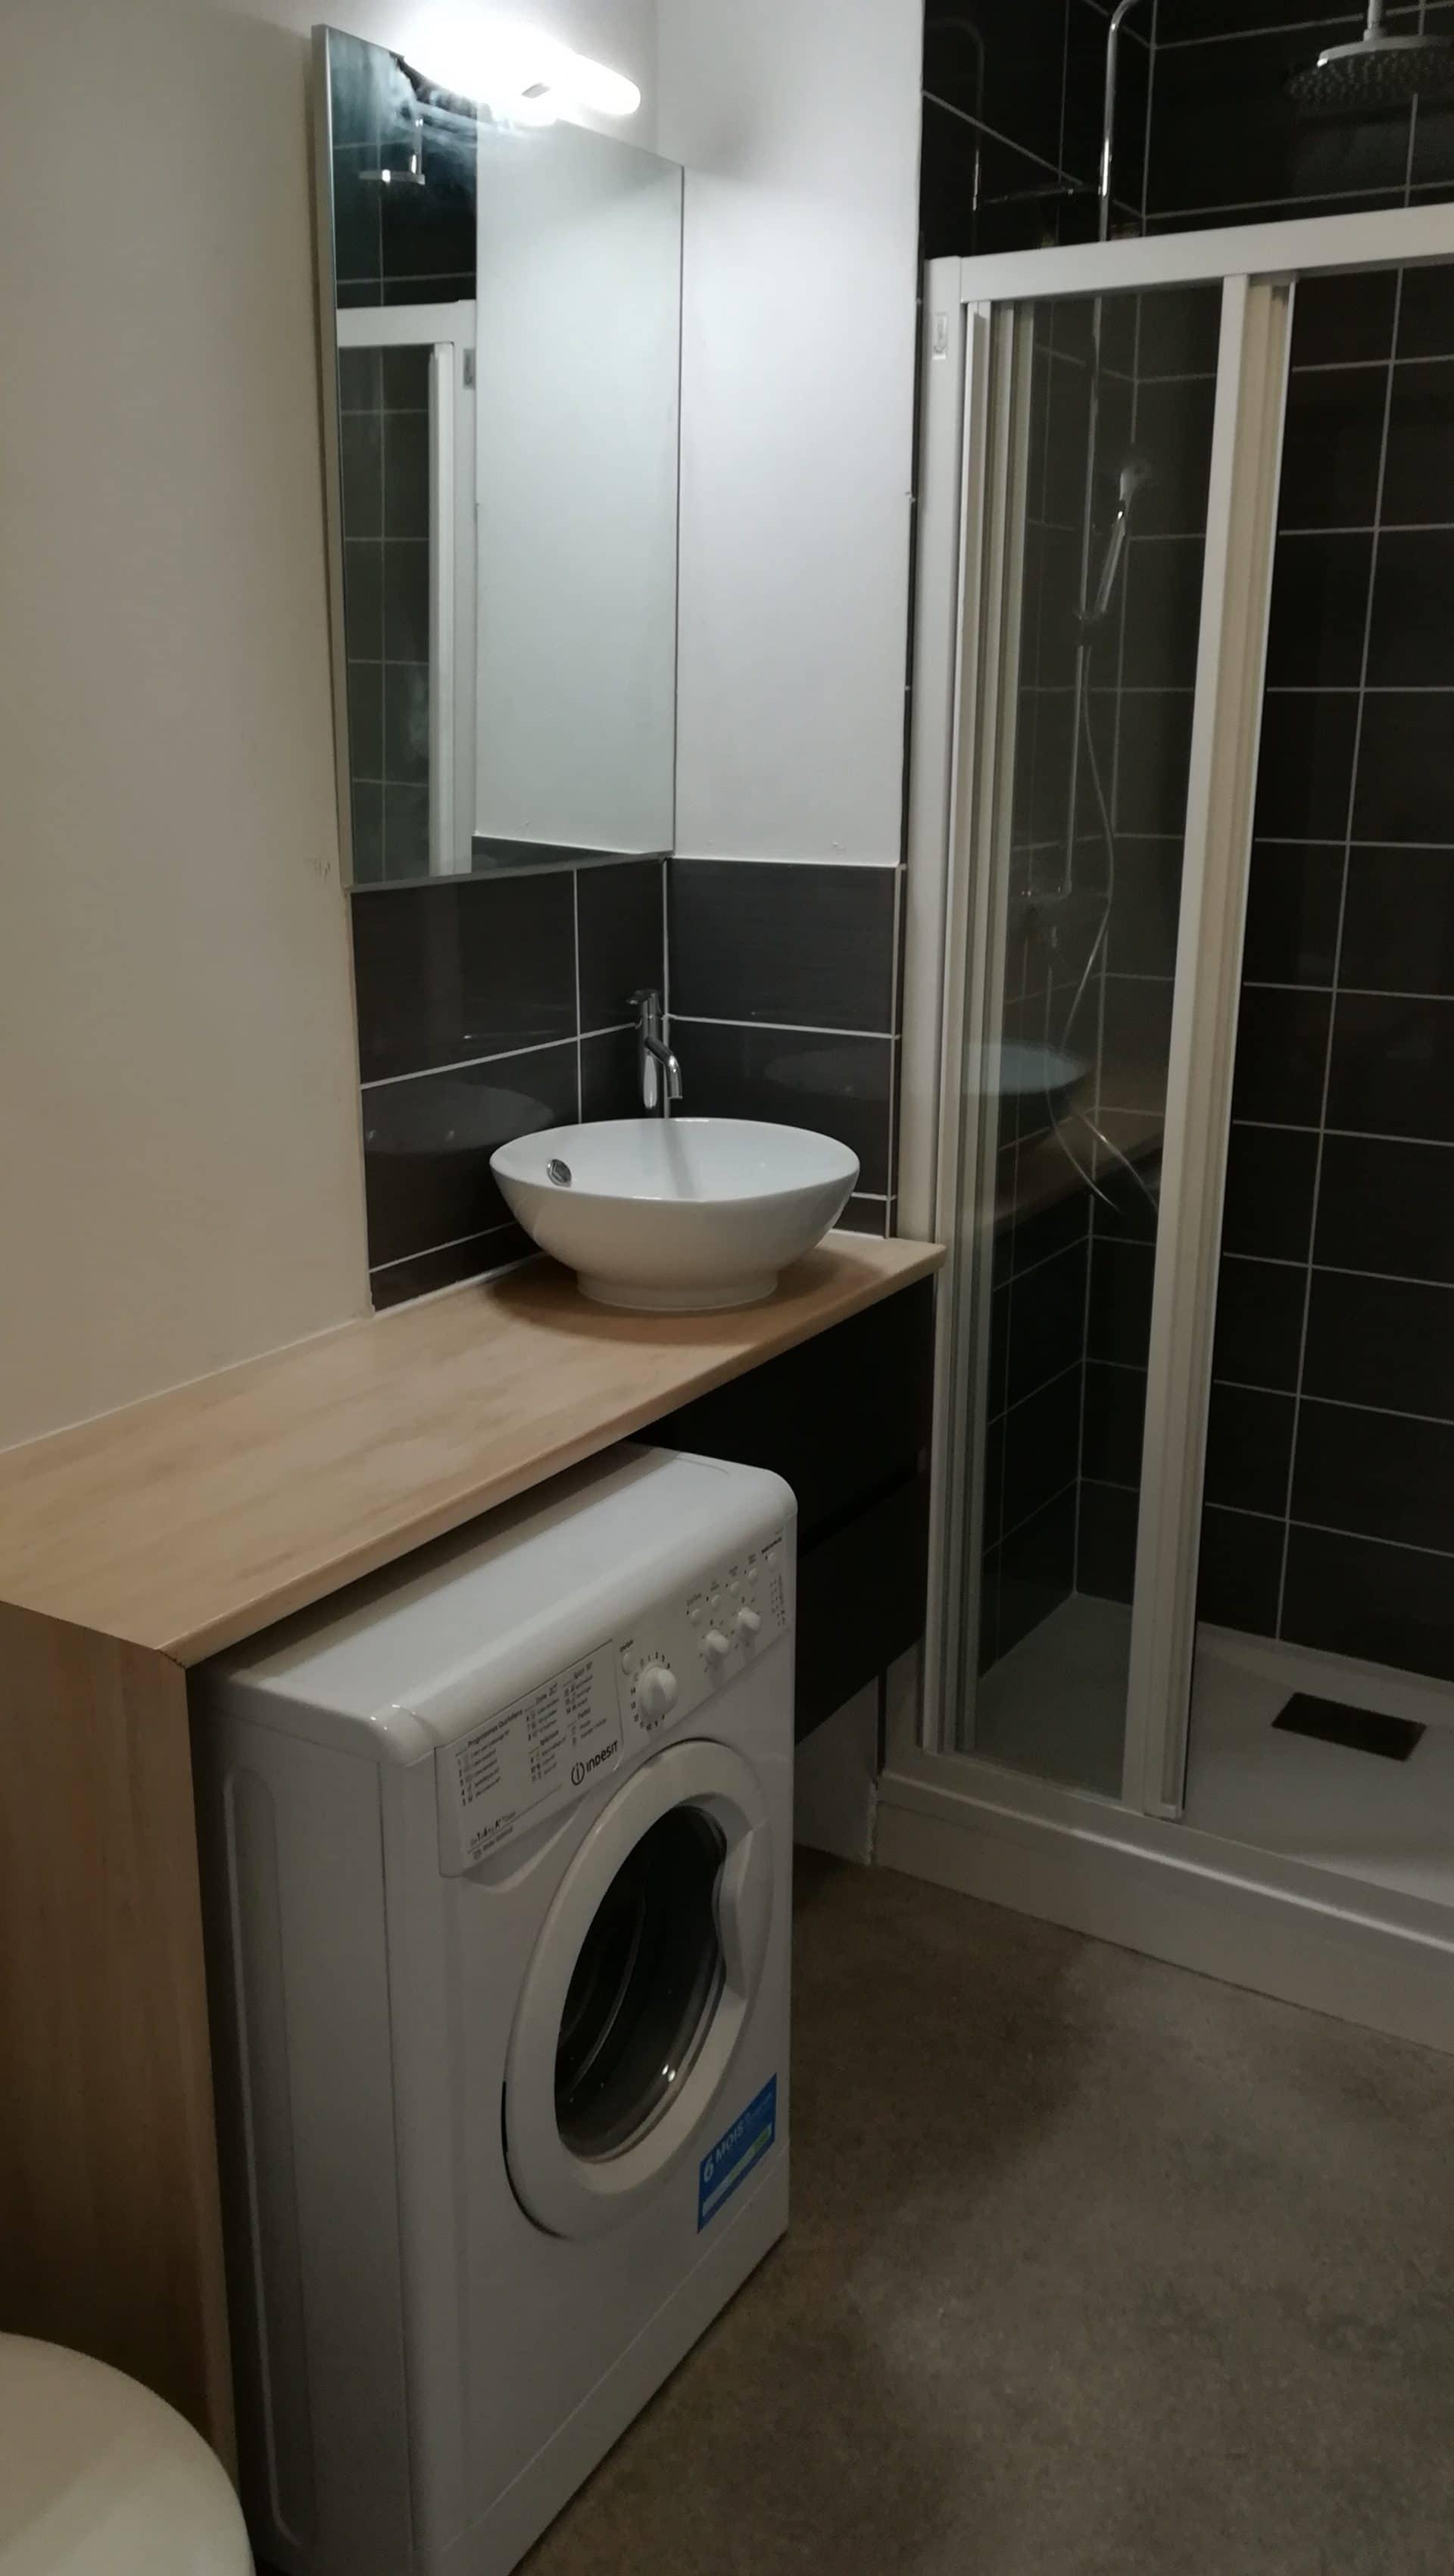 Rénovation d'une salle de bain à Lille - Rénovation intérieure